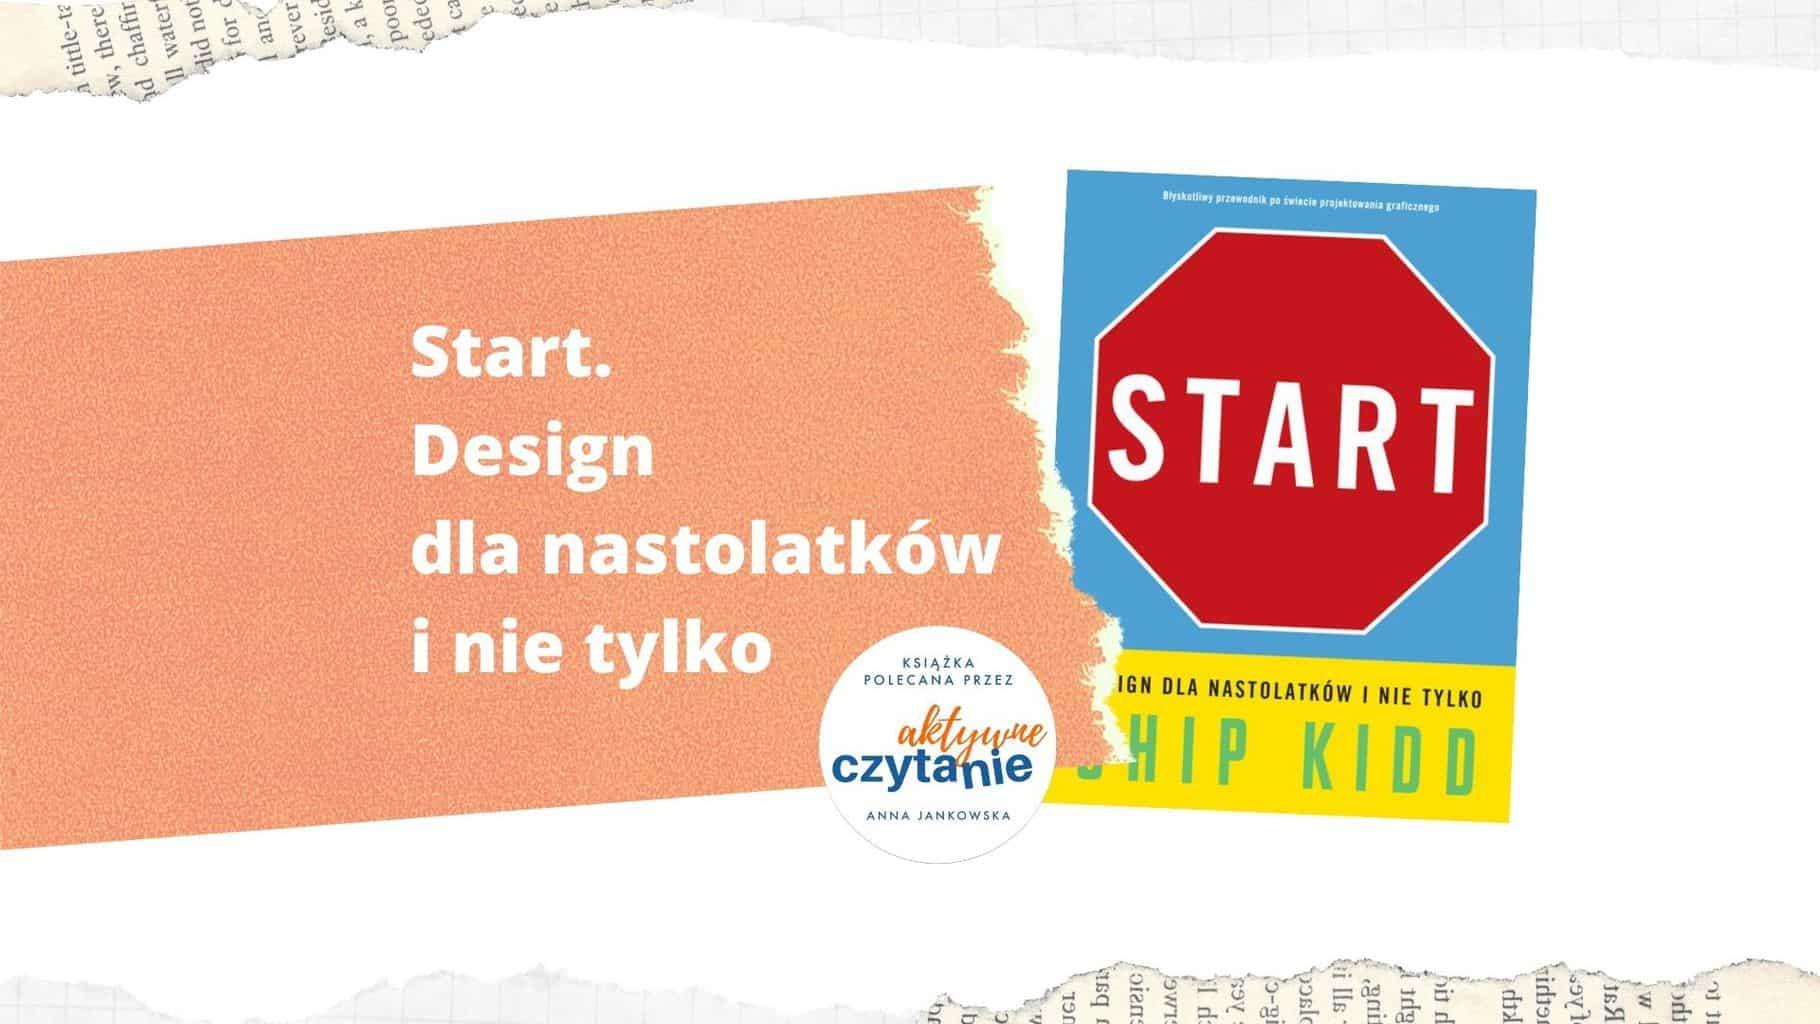 start-design-dla-nastolatkow-recenzja